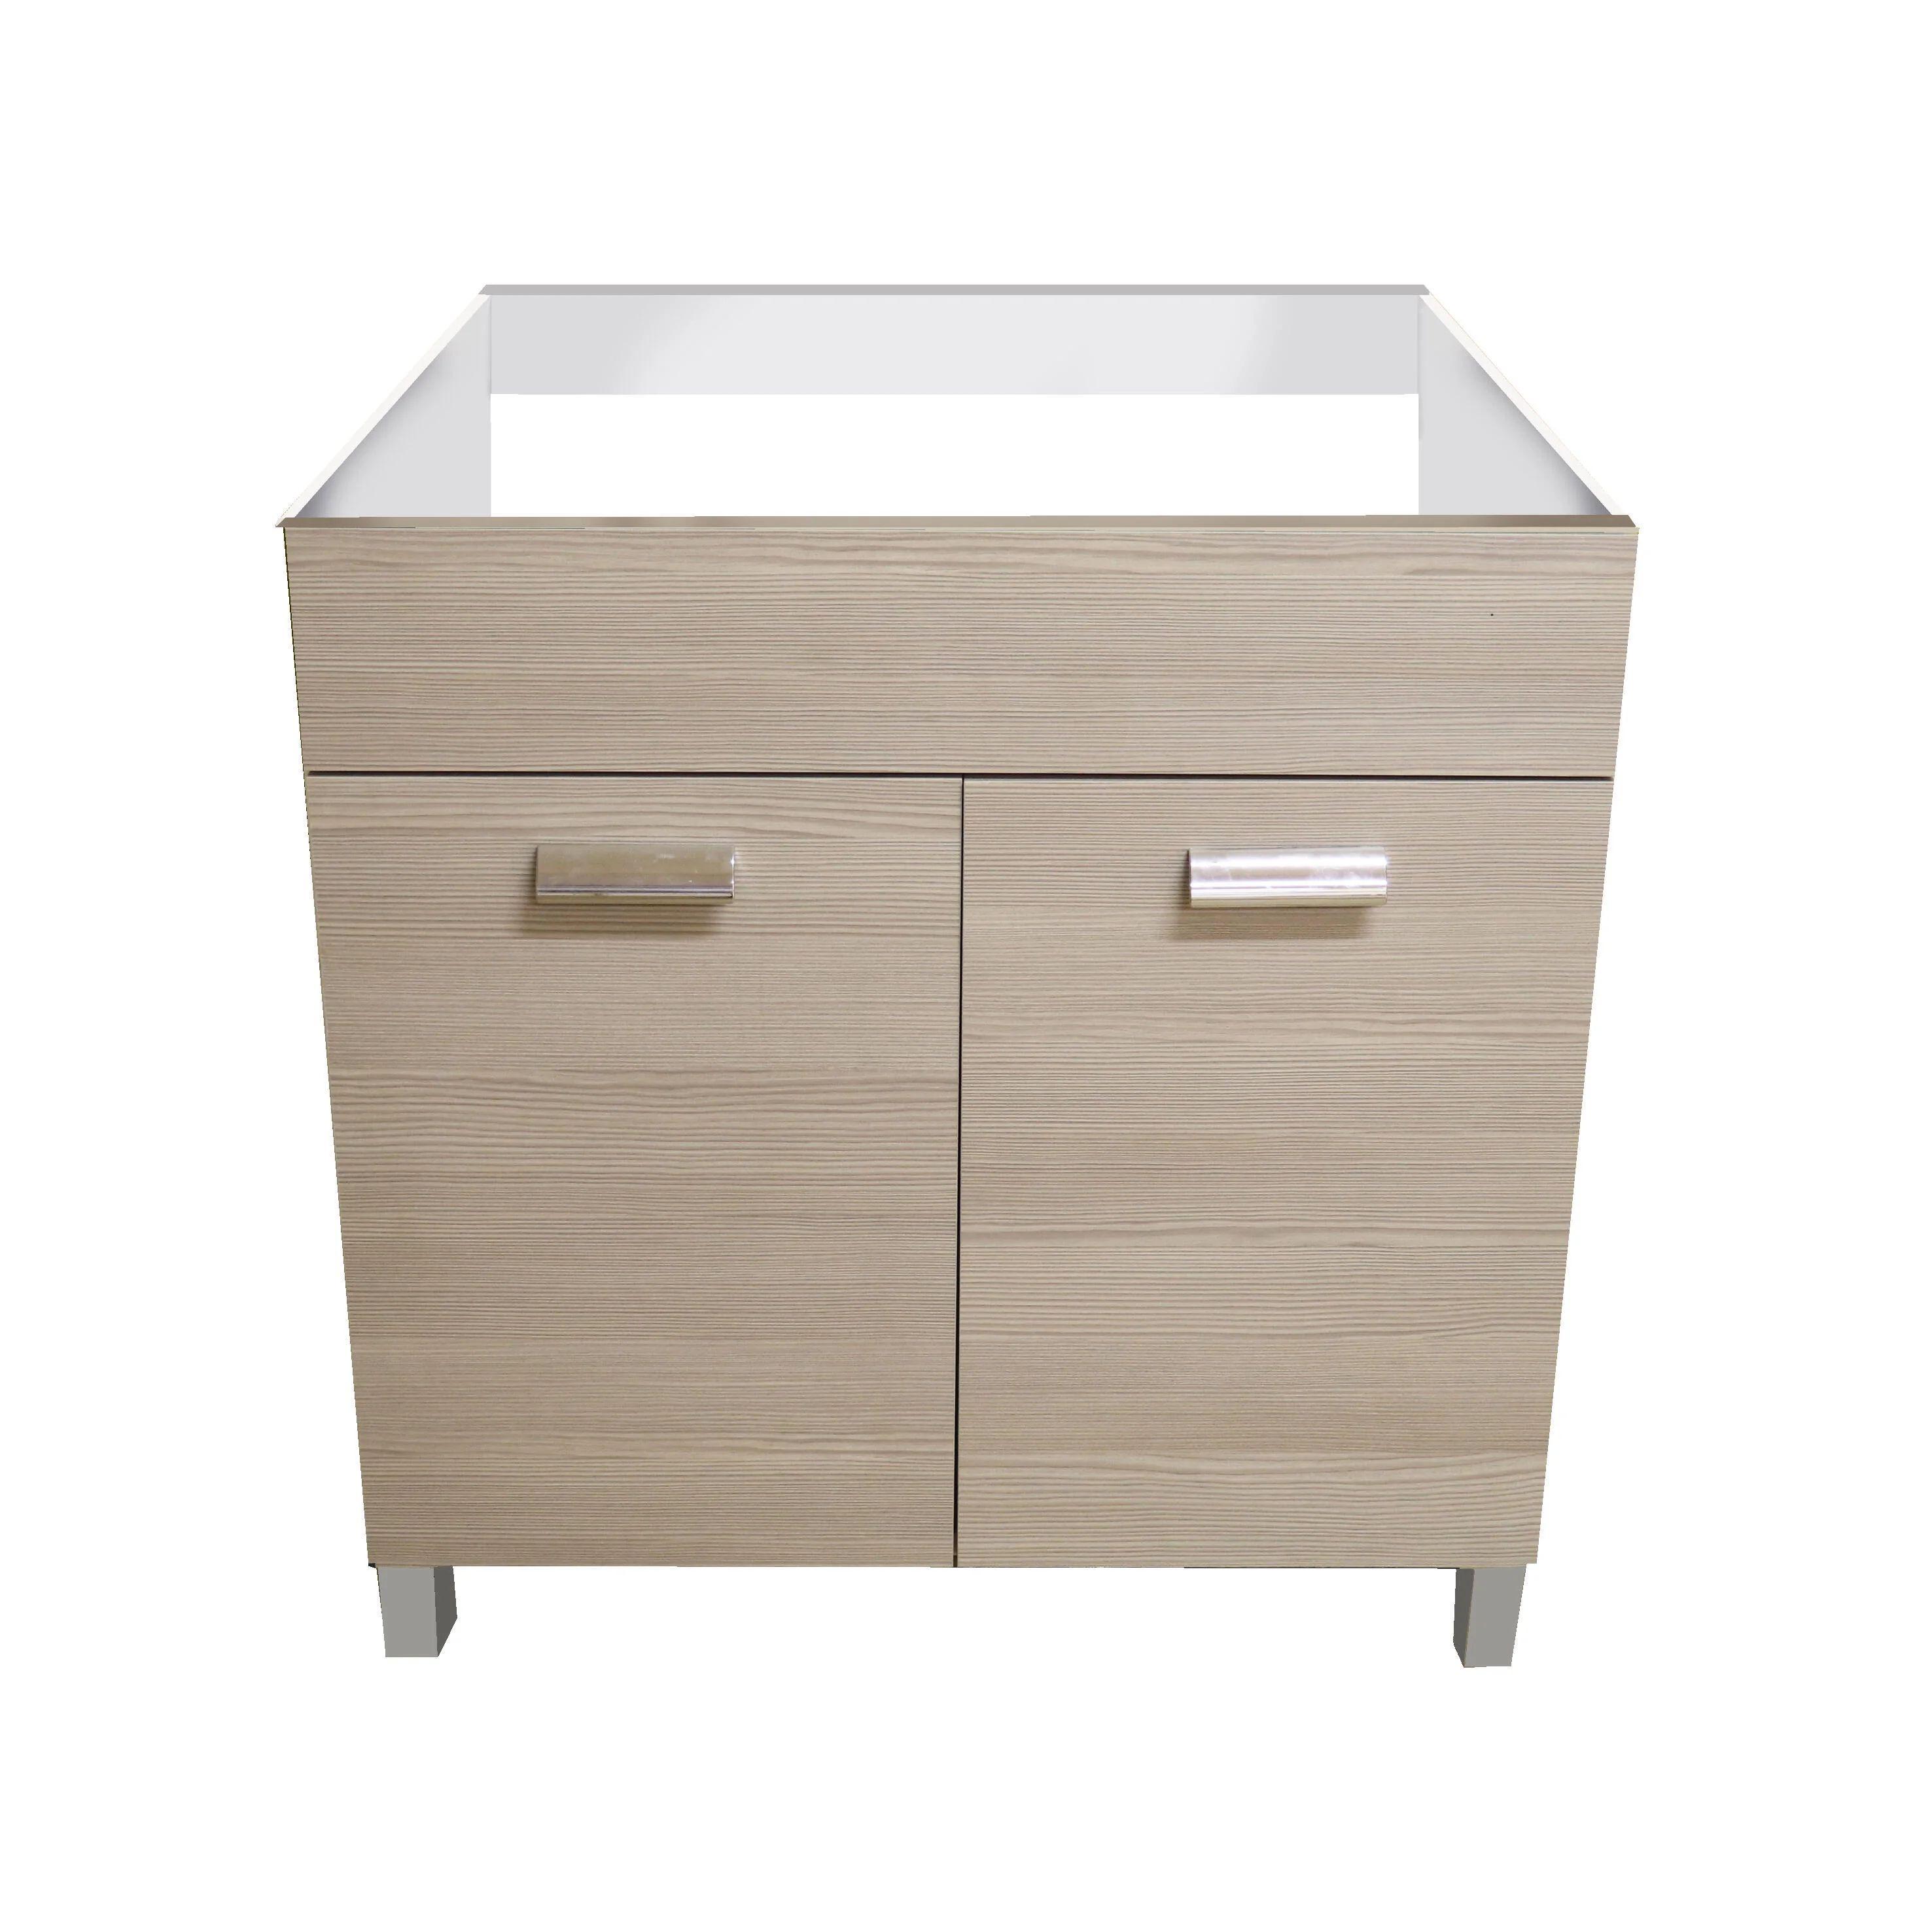 Il punto critico comune è il montaggio dei mobili, legato principalmente a due aspetti: Mobile Sottolavello Cucina Easy Olmo Grigio L 80h 85 X P 50 Cm Leroy Merlin